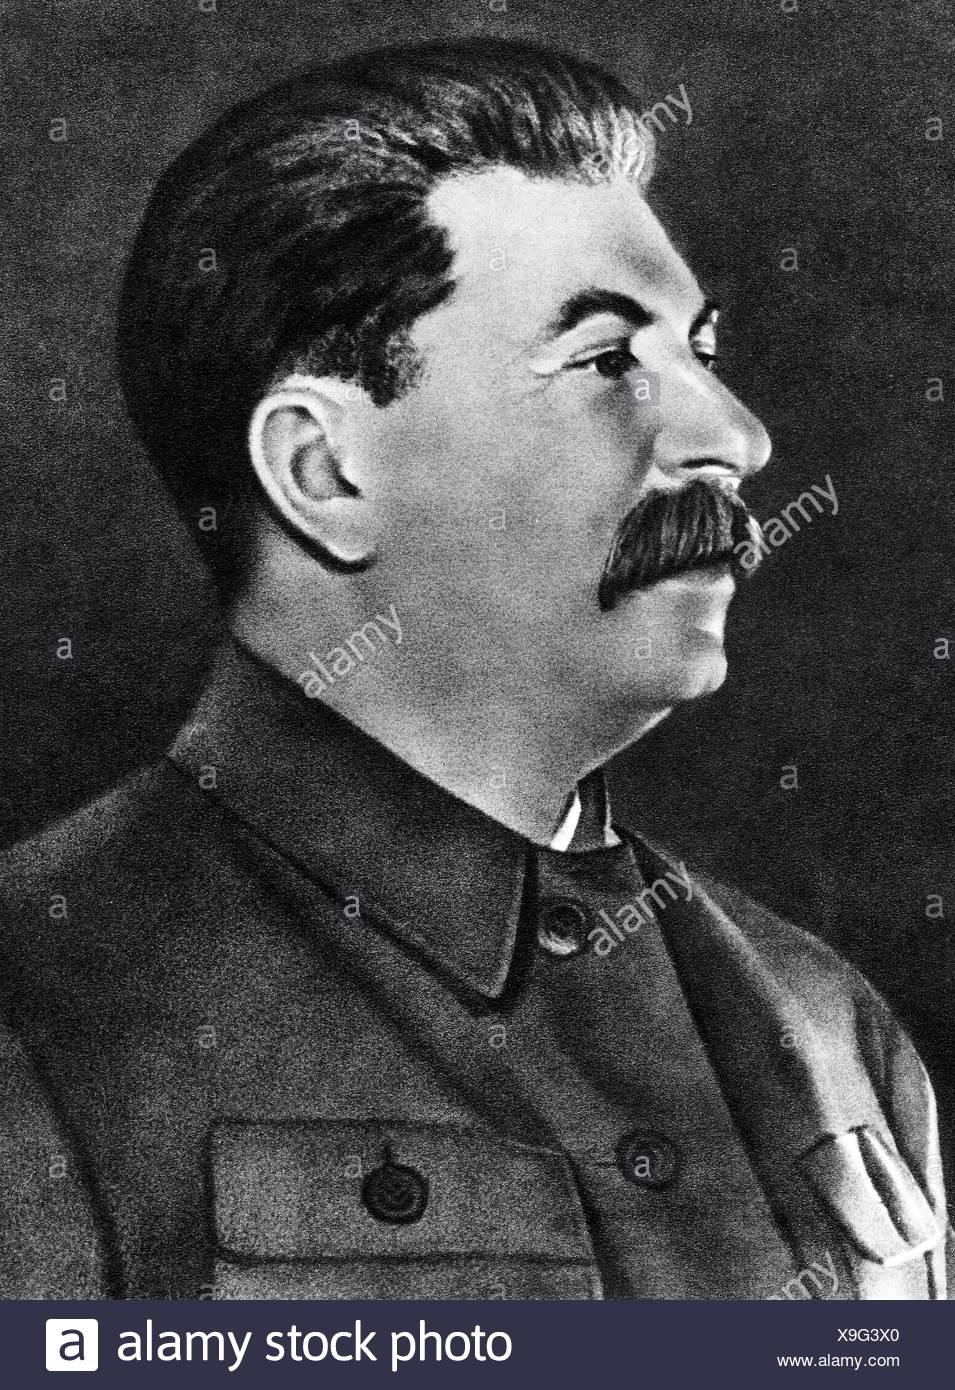 IOSIF VISSARIONOVICH STALIN USSR POSTCARD Dzugashvili ,1879-1953.